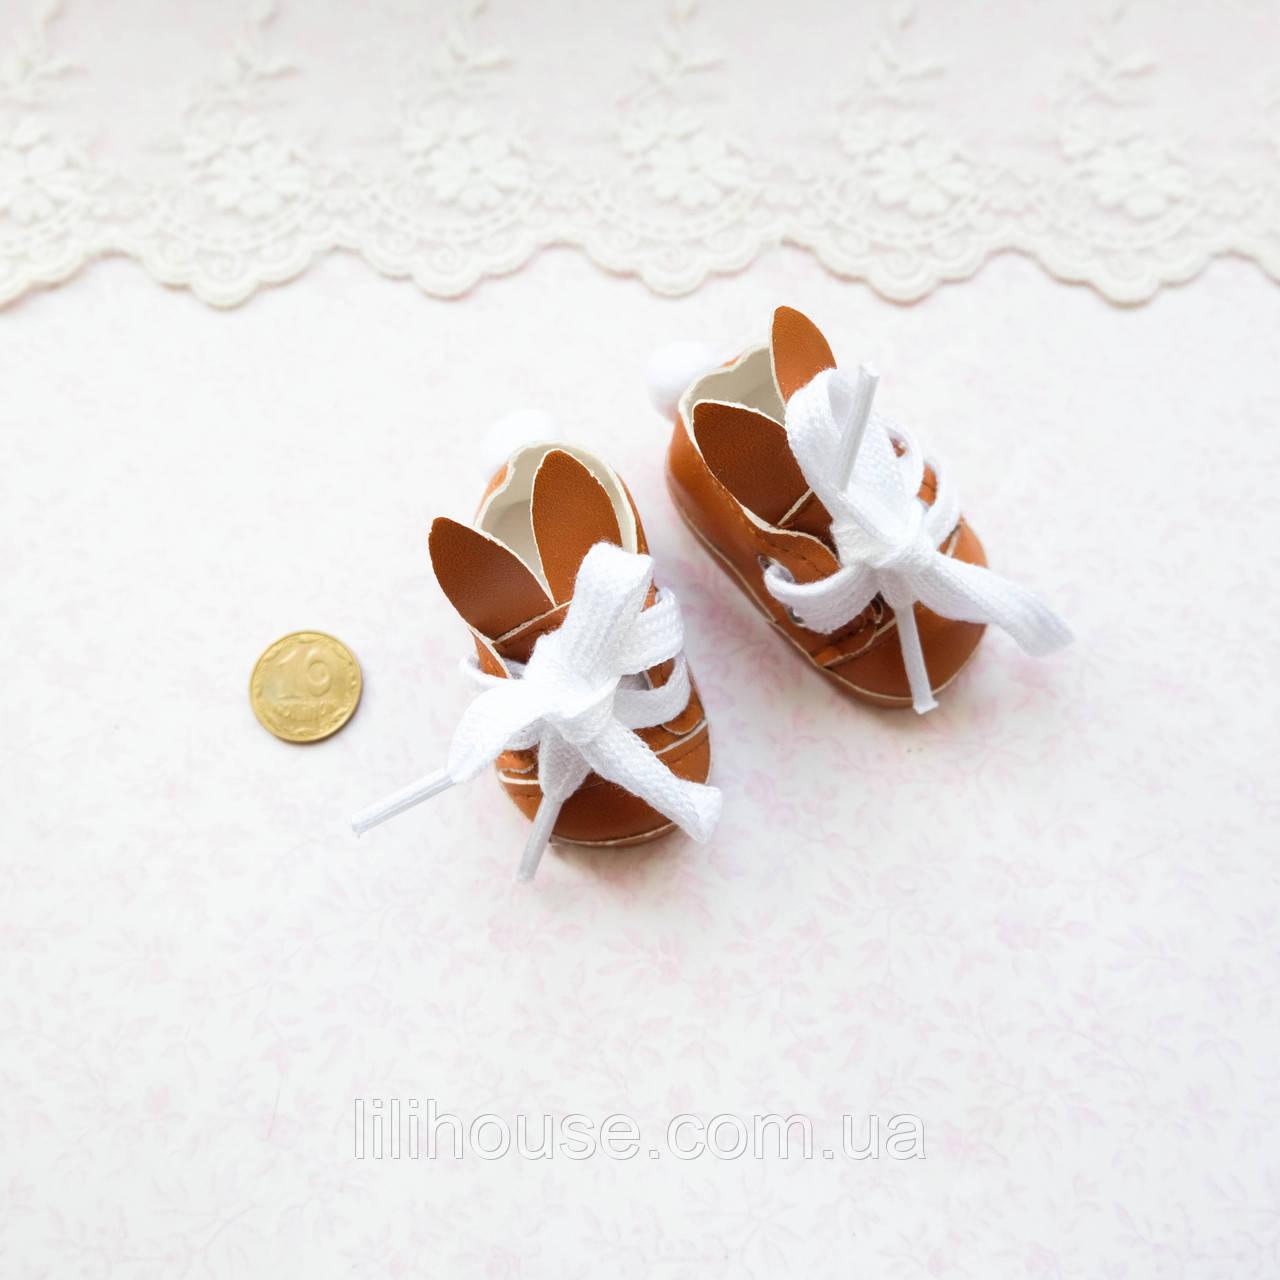 """Обувь для кукол Ботиночки на Шнуровке """"Зайчики"""" 5.5*3 см СВЕТЛО-КОРИЧНЕВЫЕ"""